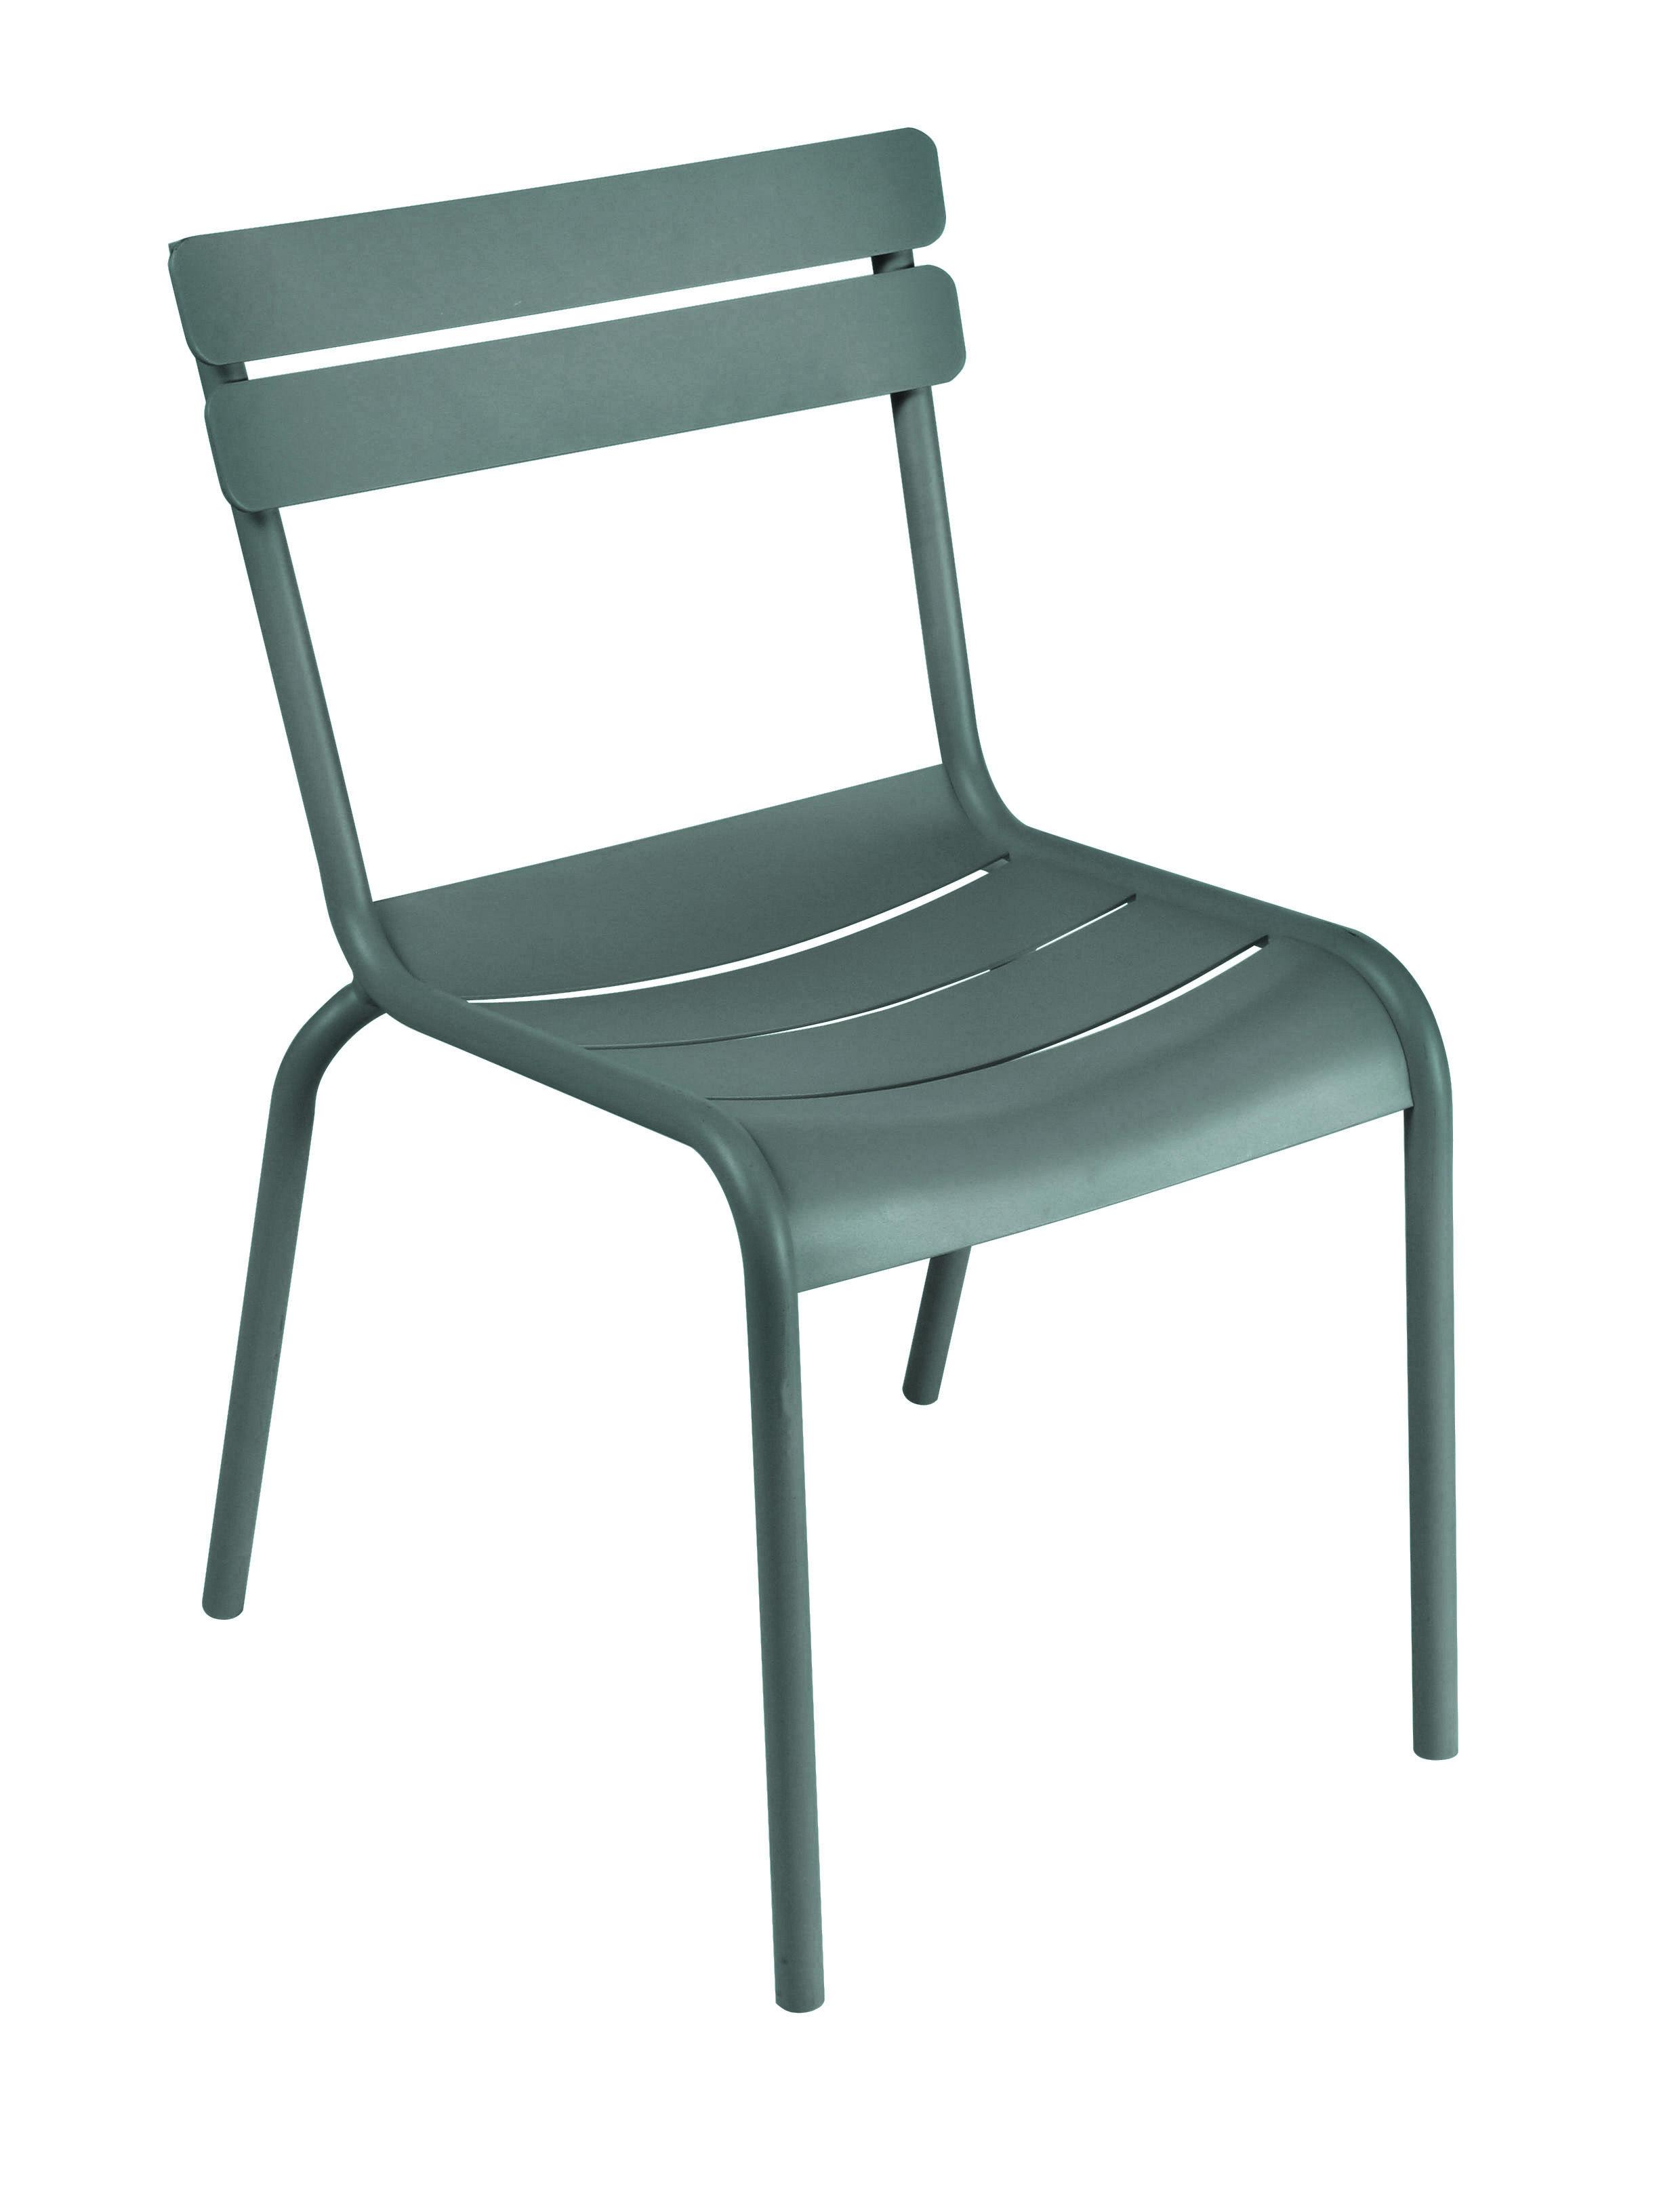 Life Style - Sedia impilabile Luxembourg di Fermob - Cedro - Alluminio laccato